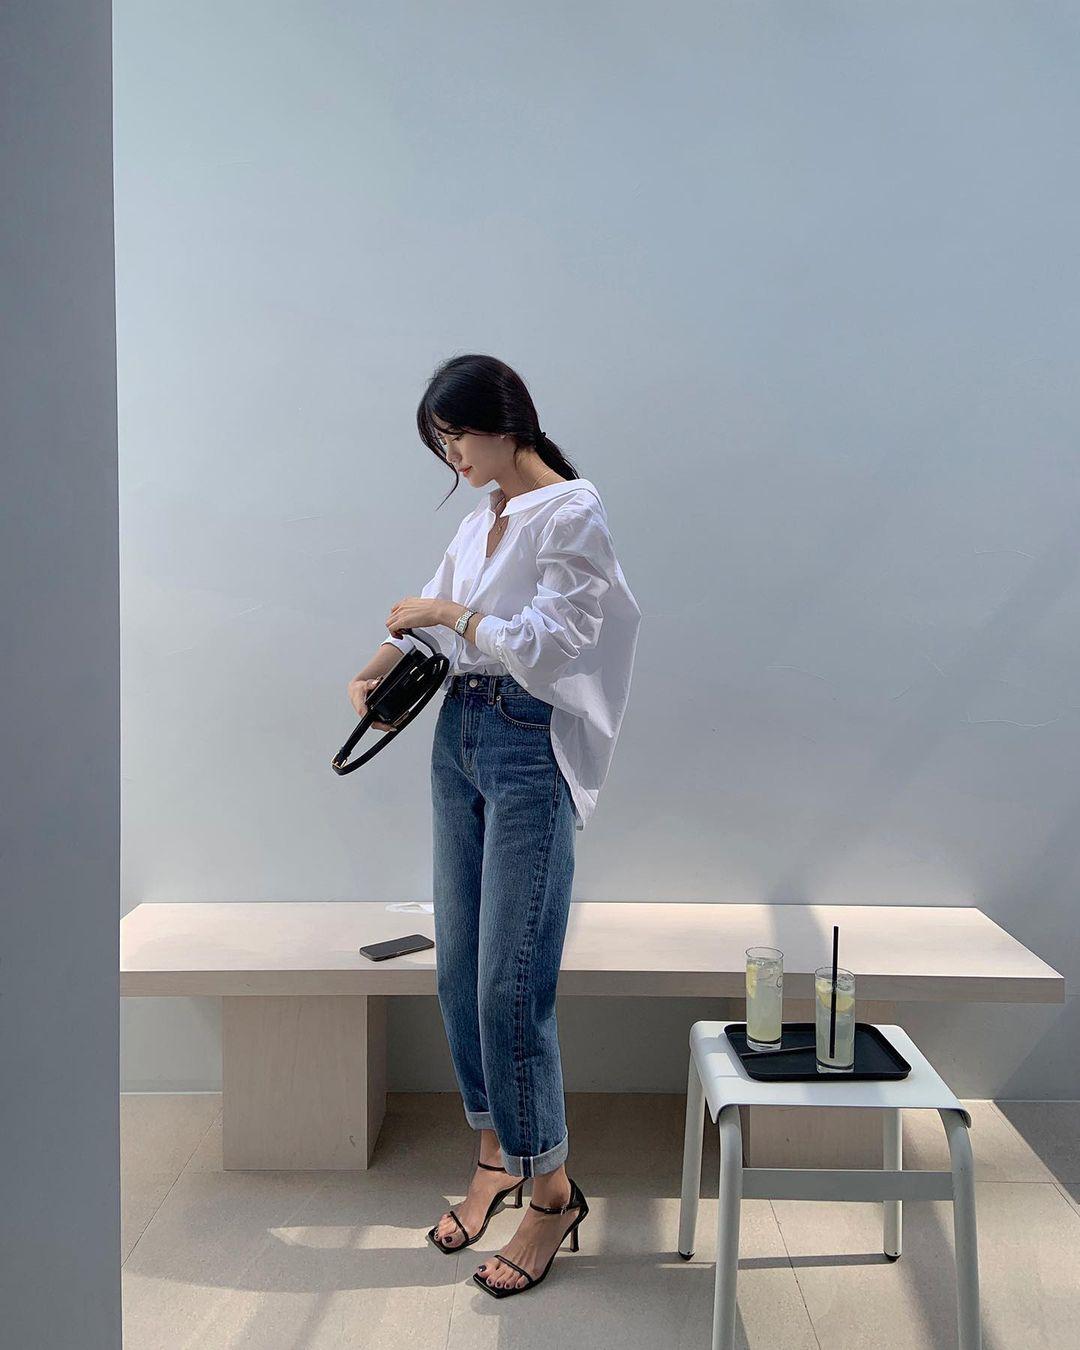 Gái Hàn có 12 cách lên đồ với áo blouse đẹp mê, xem xong là muốn copy đến sở làm liền - Ảnh 3.